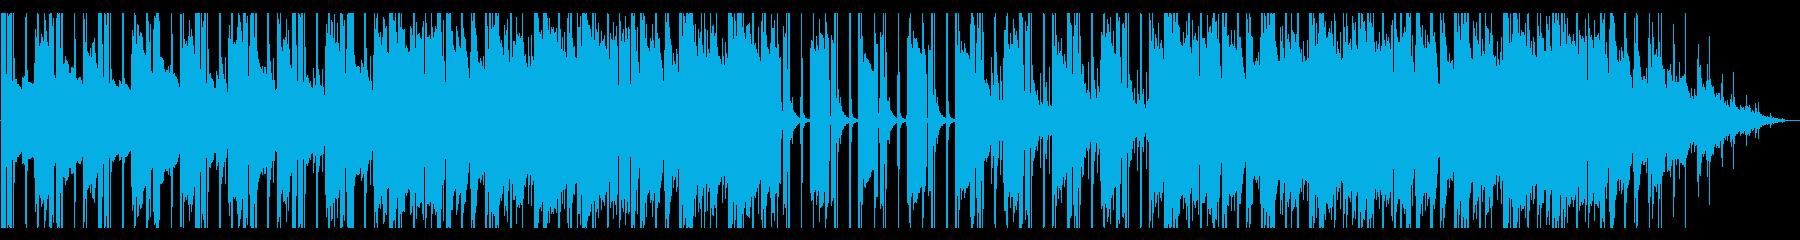 怪しい/ヒップホップ_No417の再生済みの波形